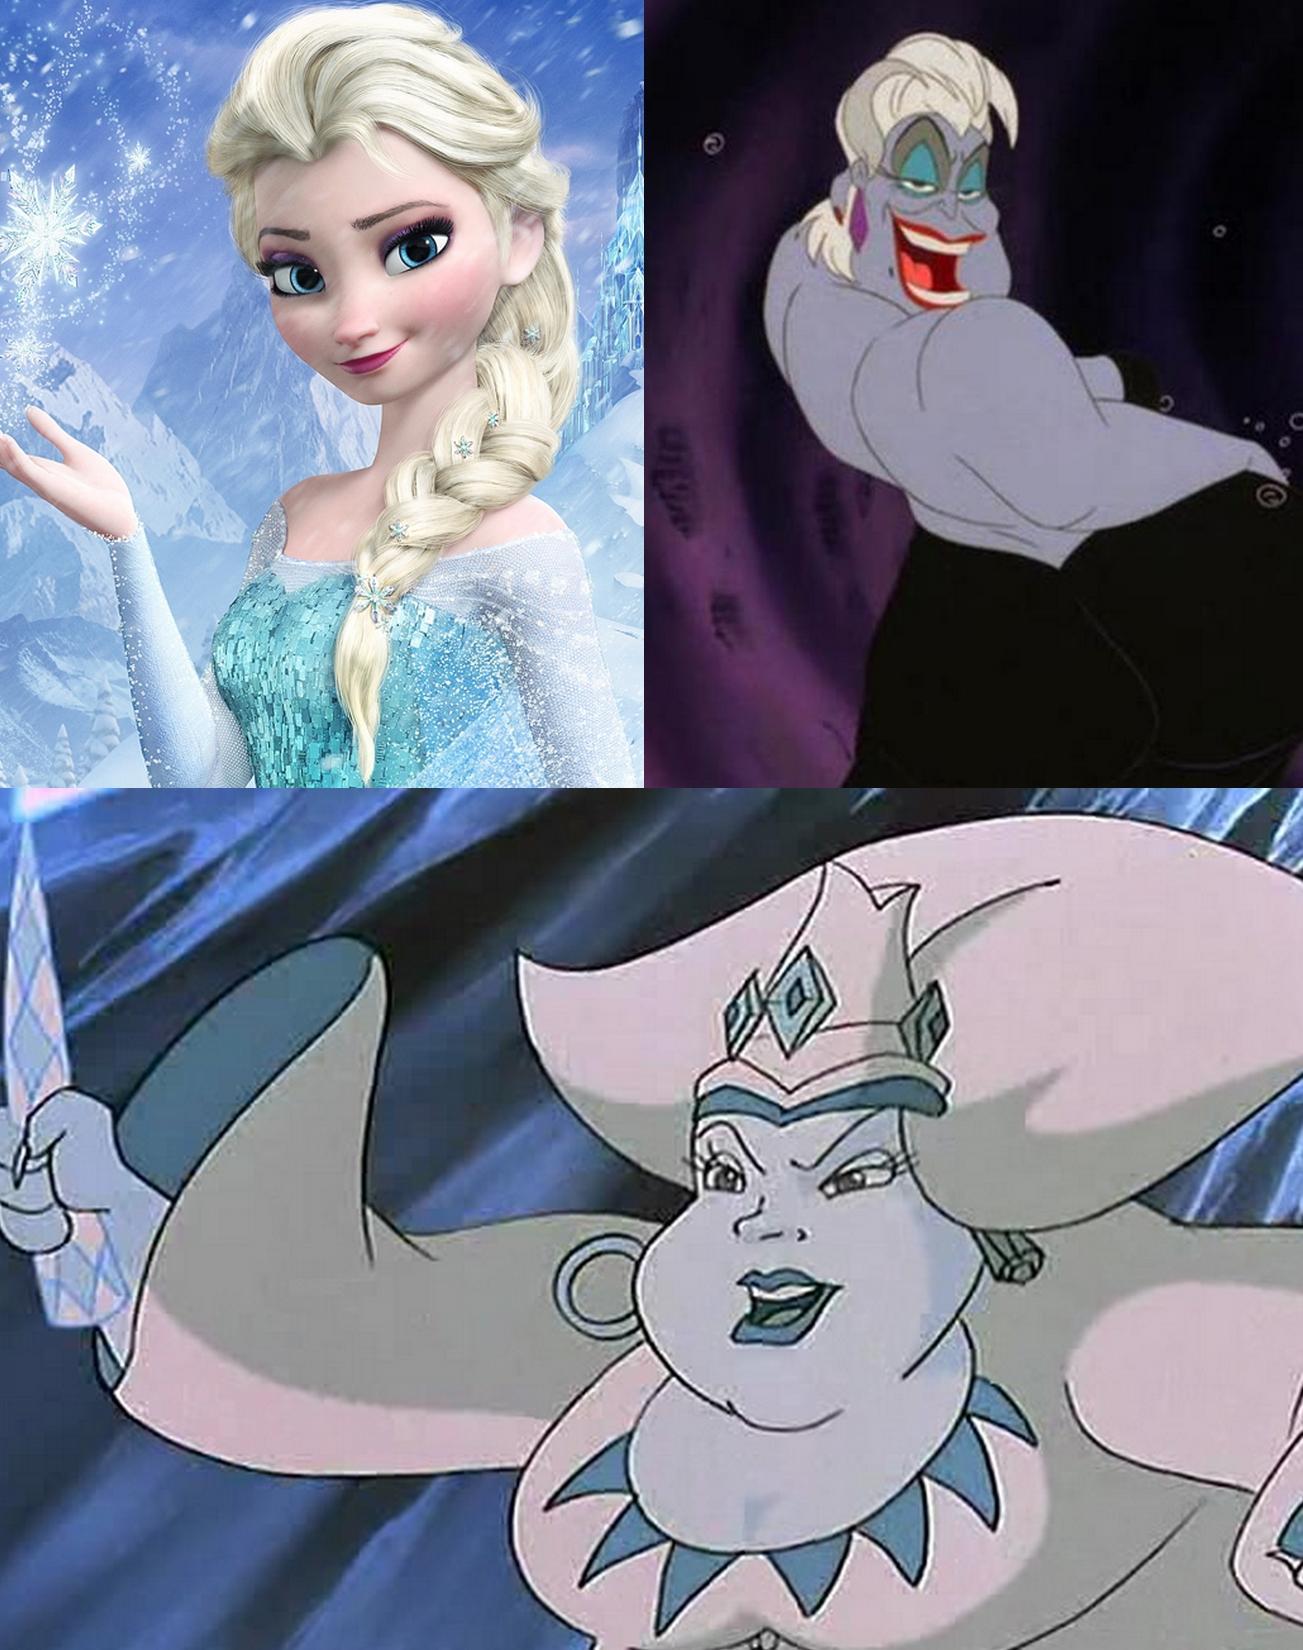 """Axel on Twitter: """"Parce que je viens de me rendre compte que Stormella n'est qu'un mélange assez improbable entre Elsa et Ursula. http://t.co/57mdxNxhe6"""""""